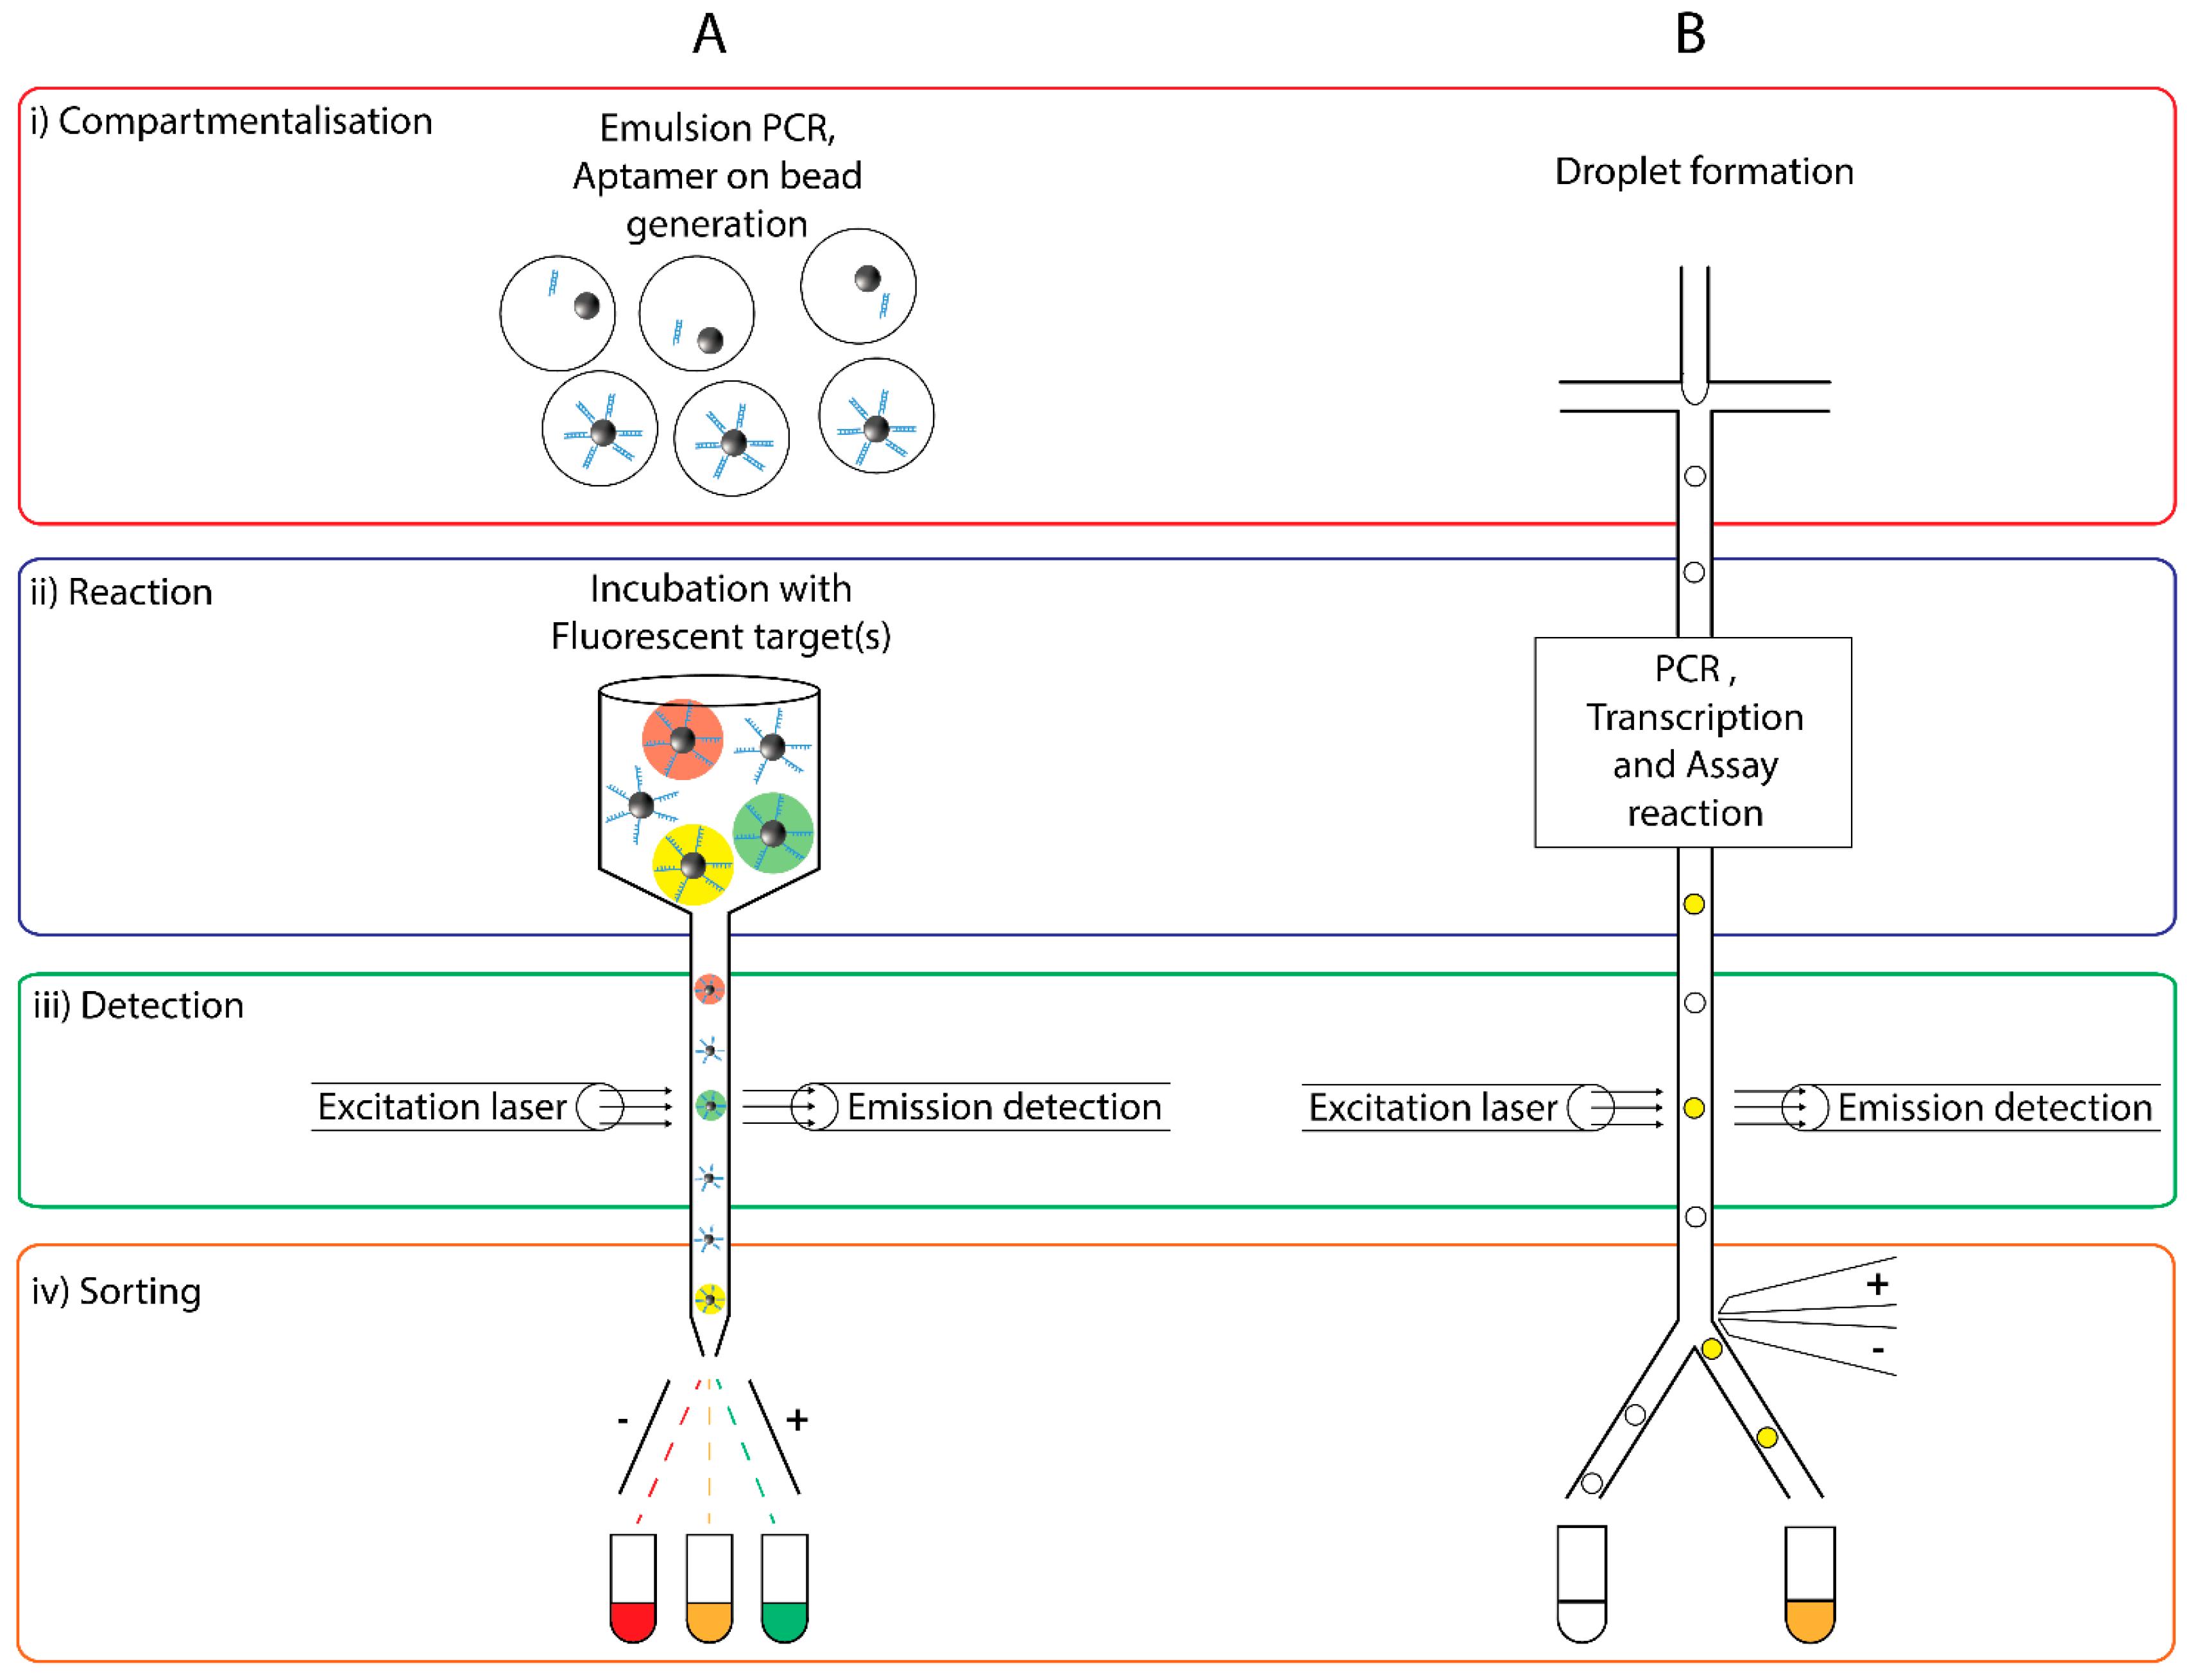 Molecules | Free Full-Text | Oligonucleotide Functionalised